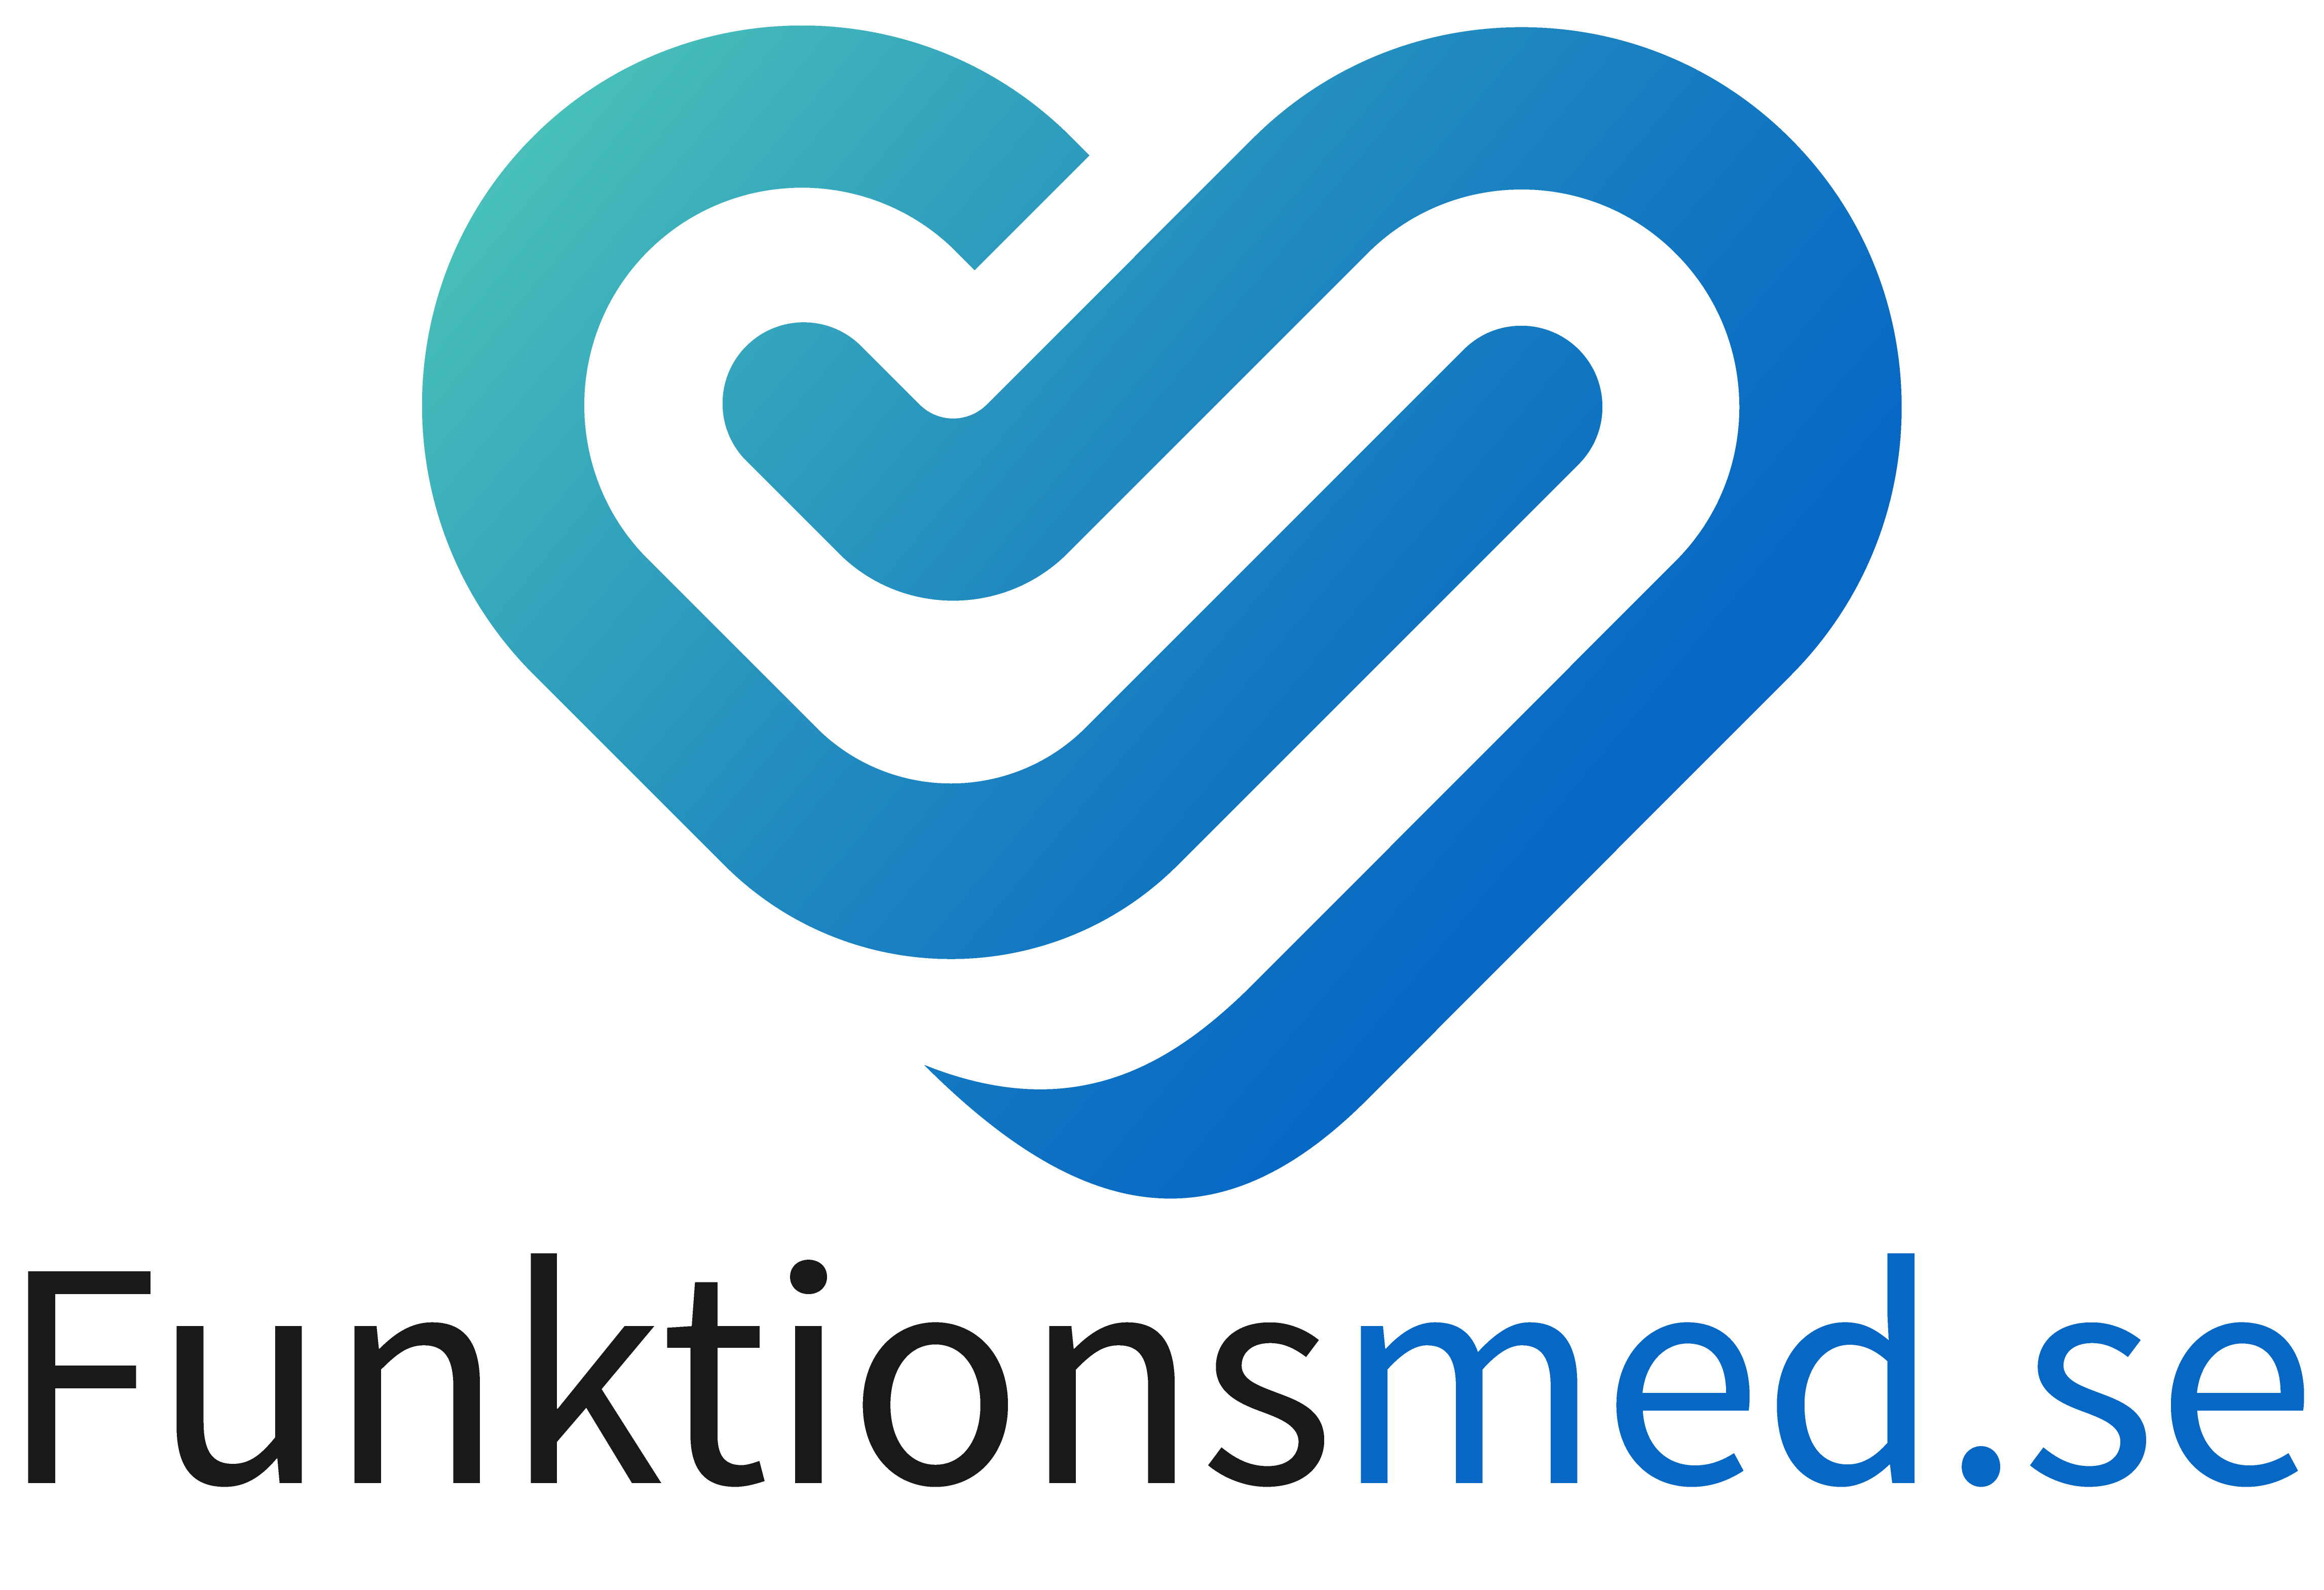 Ny Funktionsmedicinsk hälsomottagning online